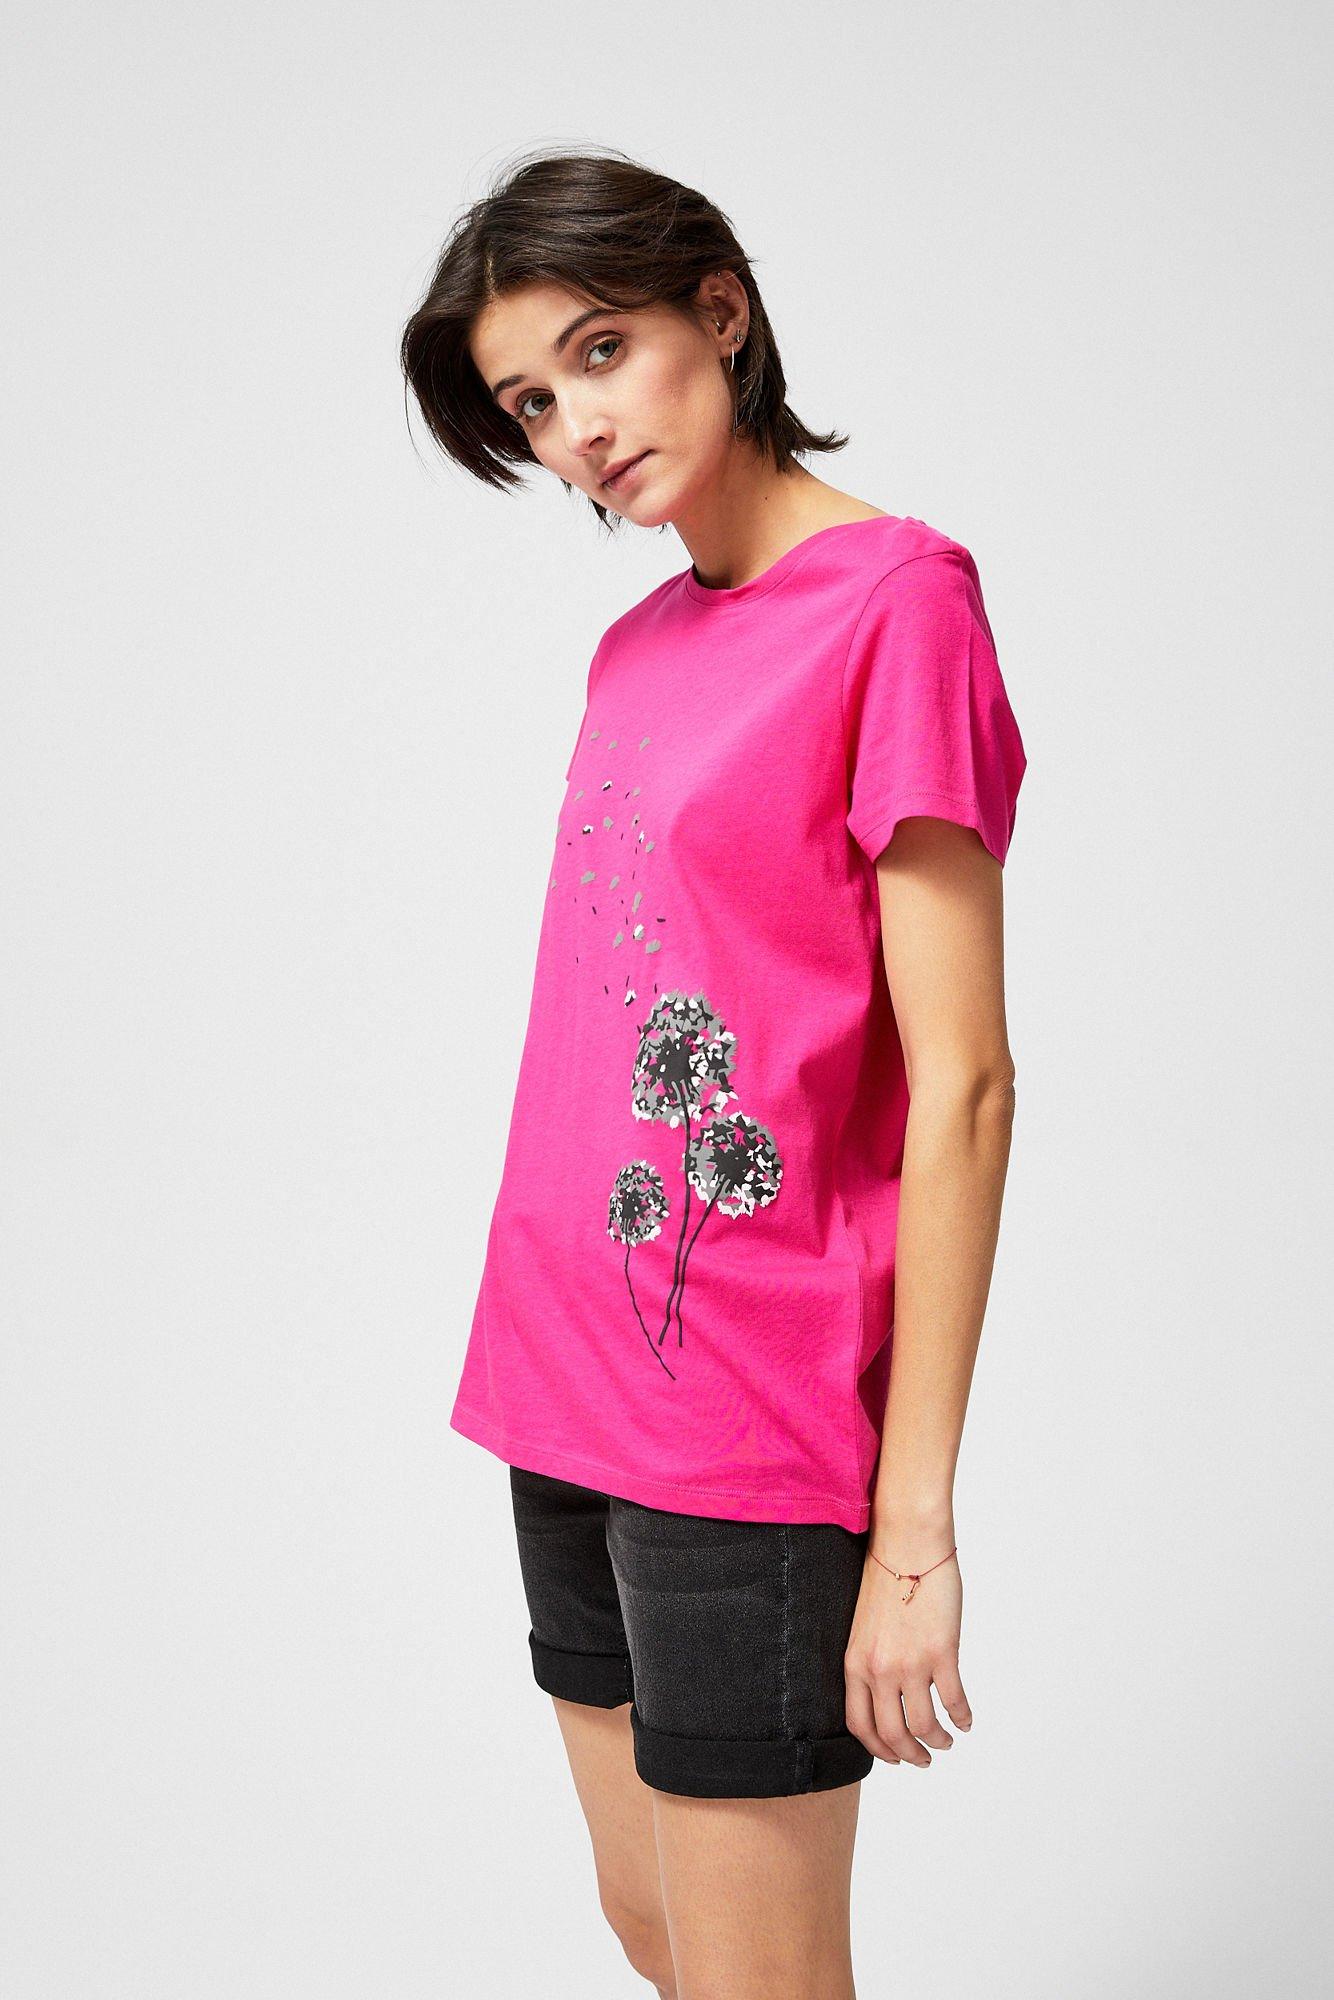 Koszulka bawełniana z nadrukiem